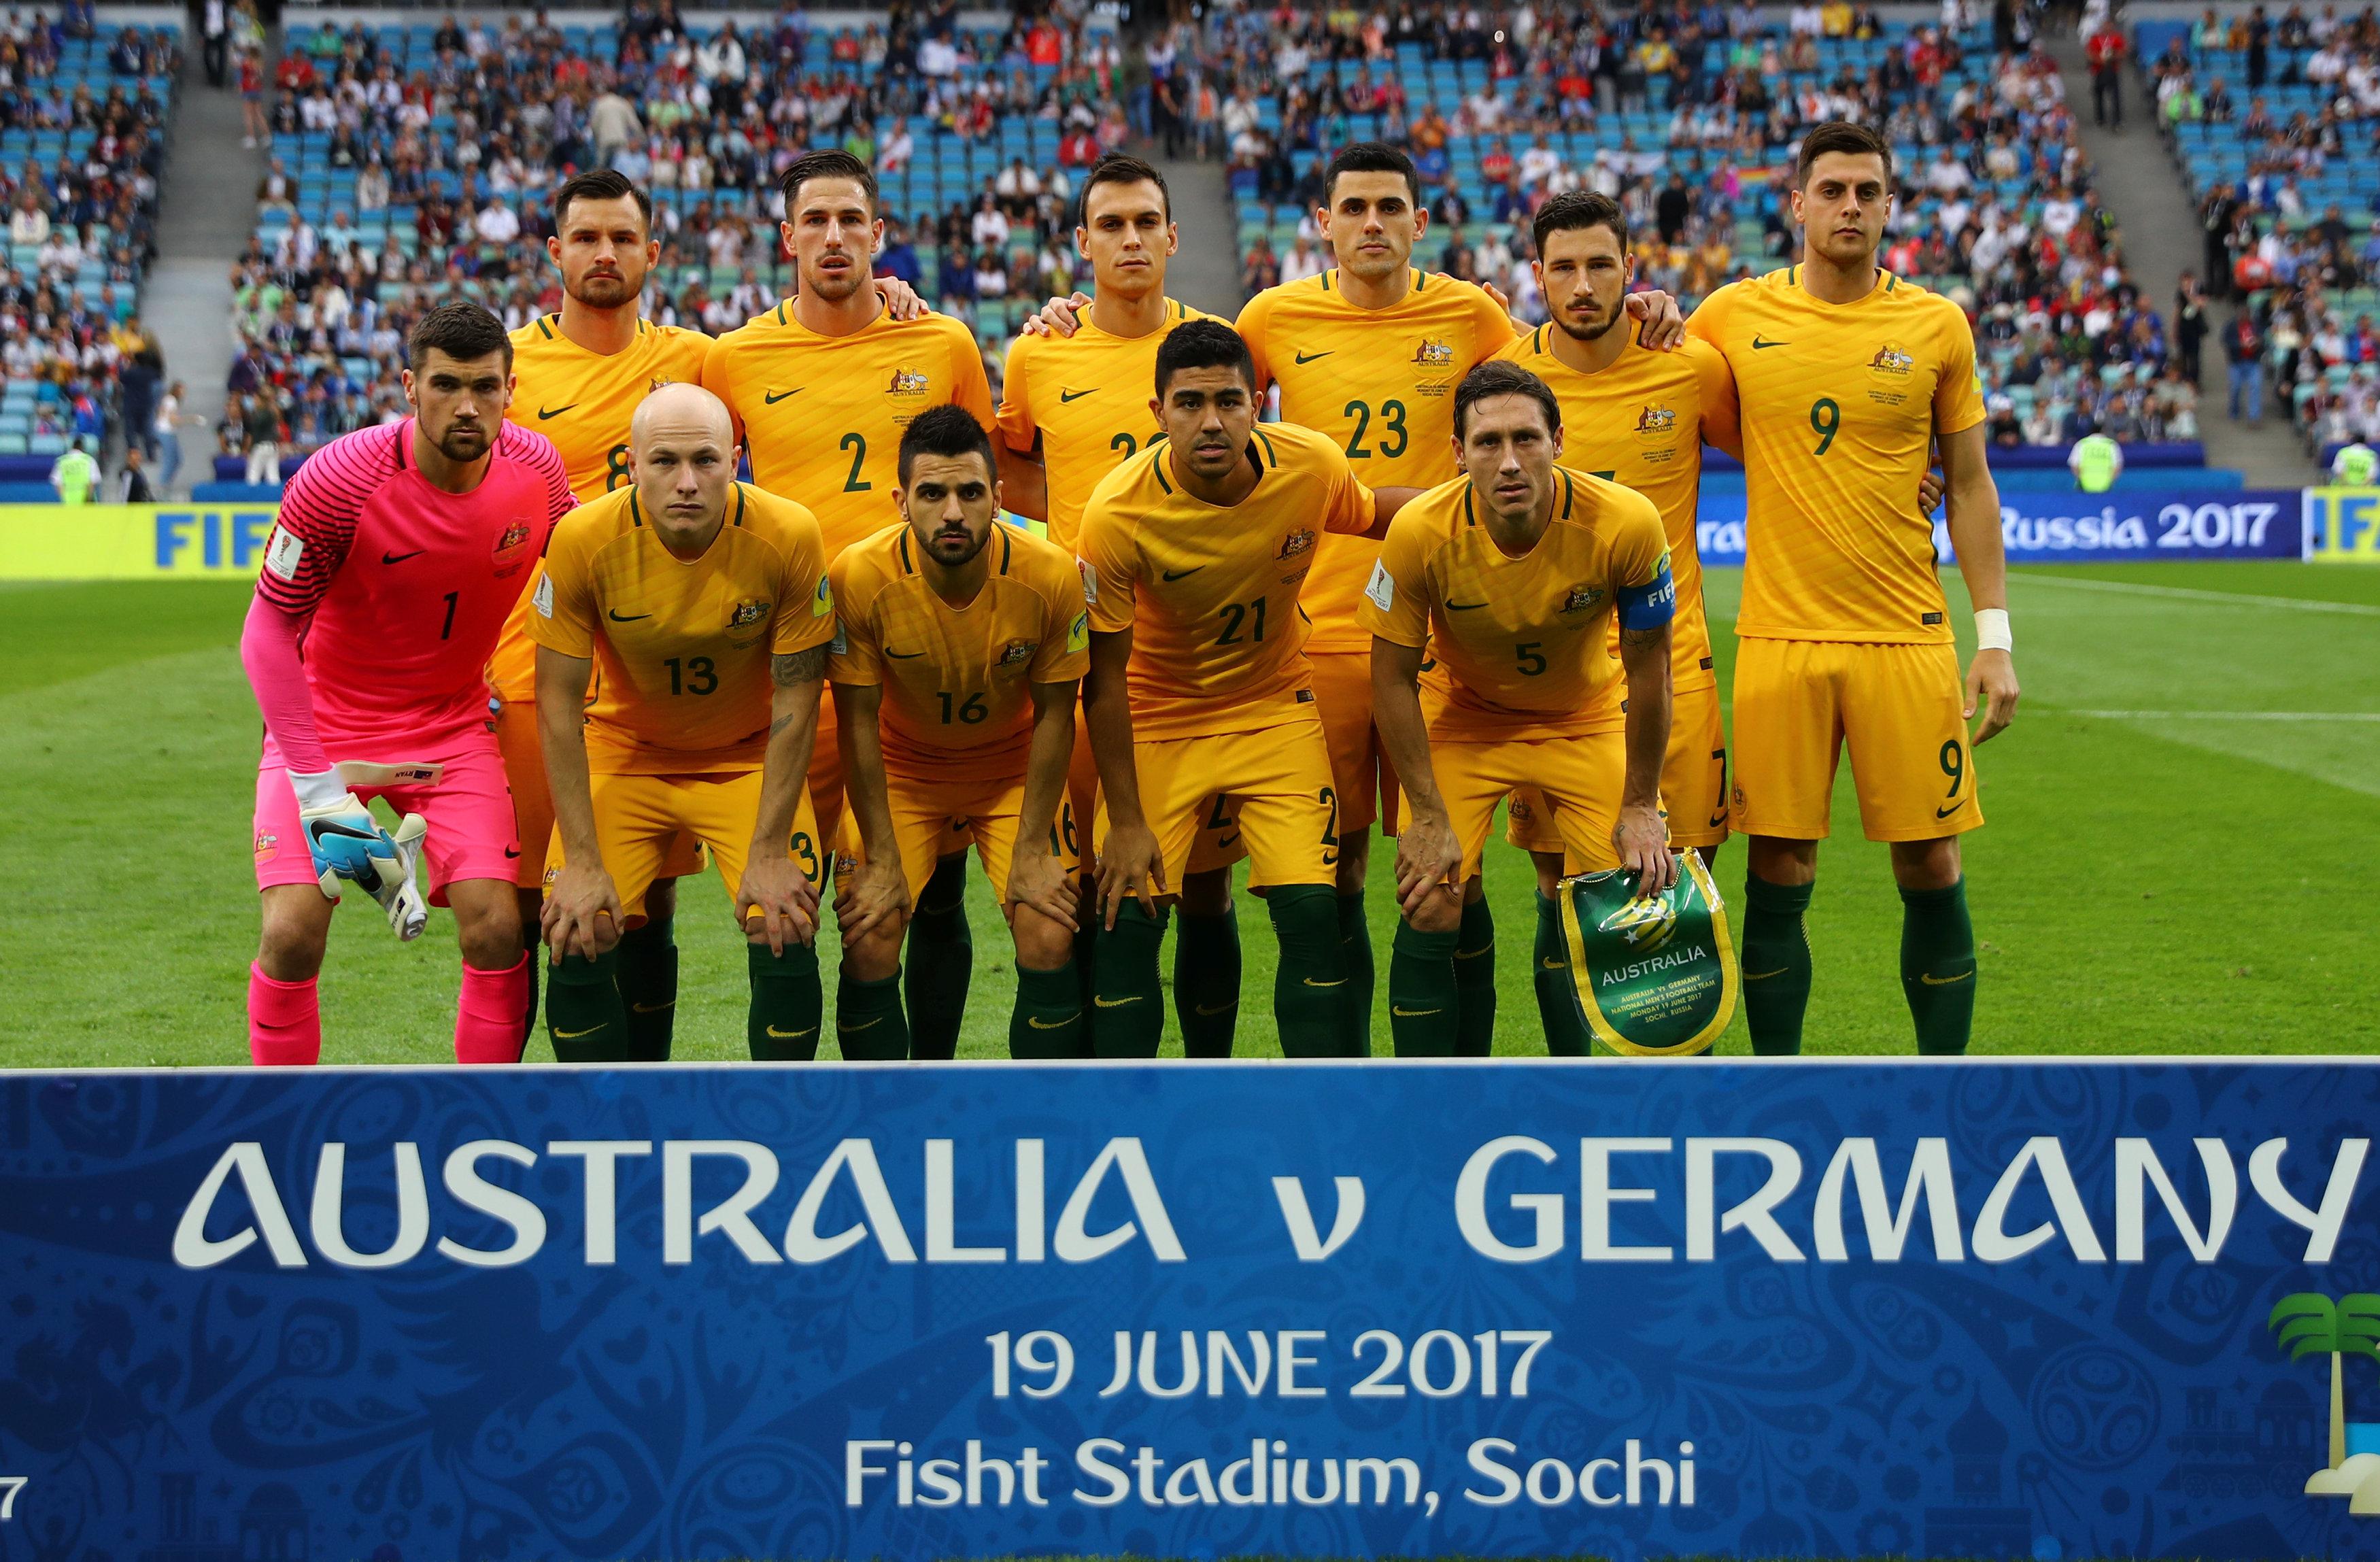 منتخب أستراليا